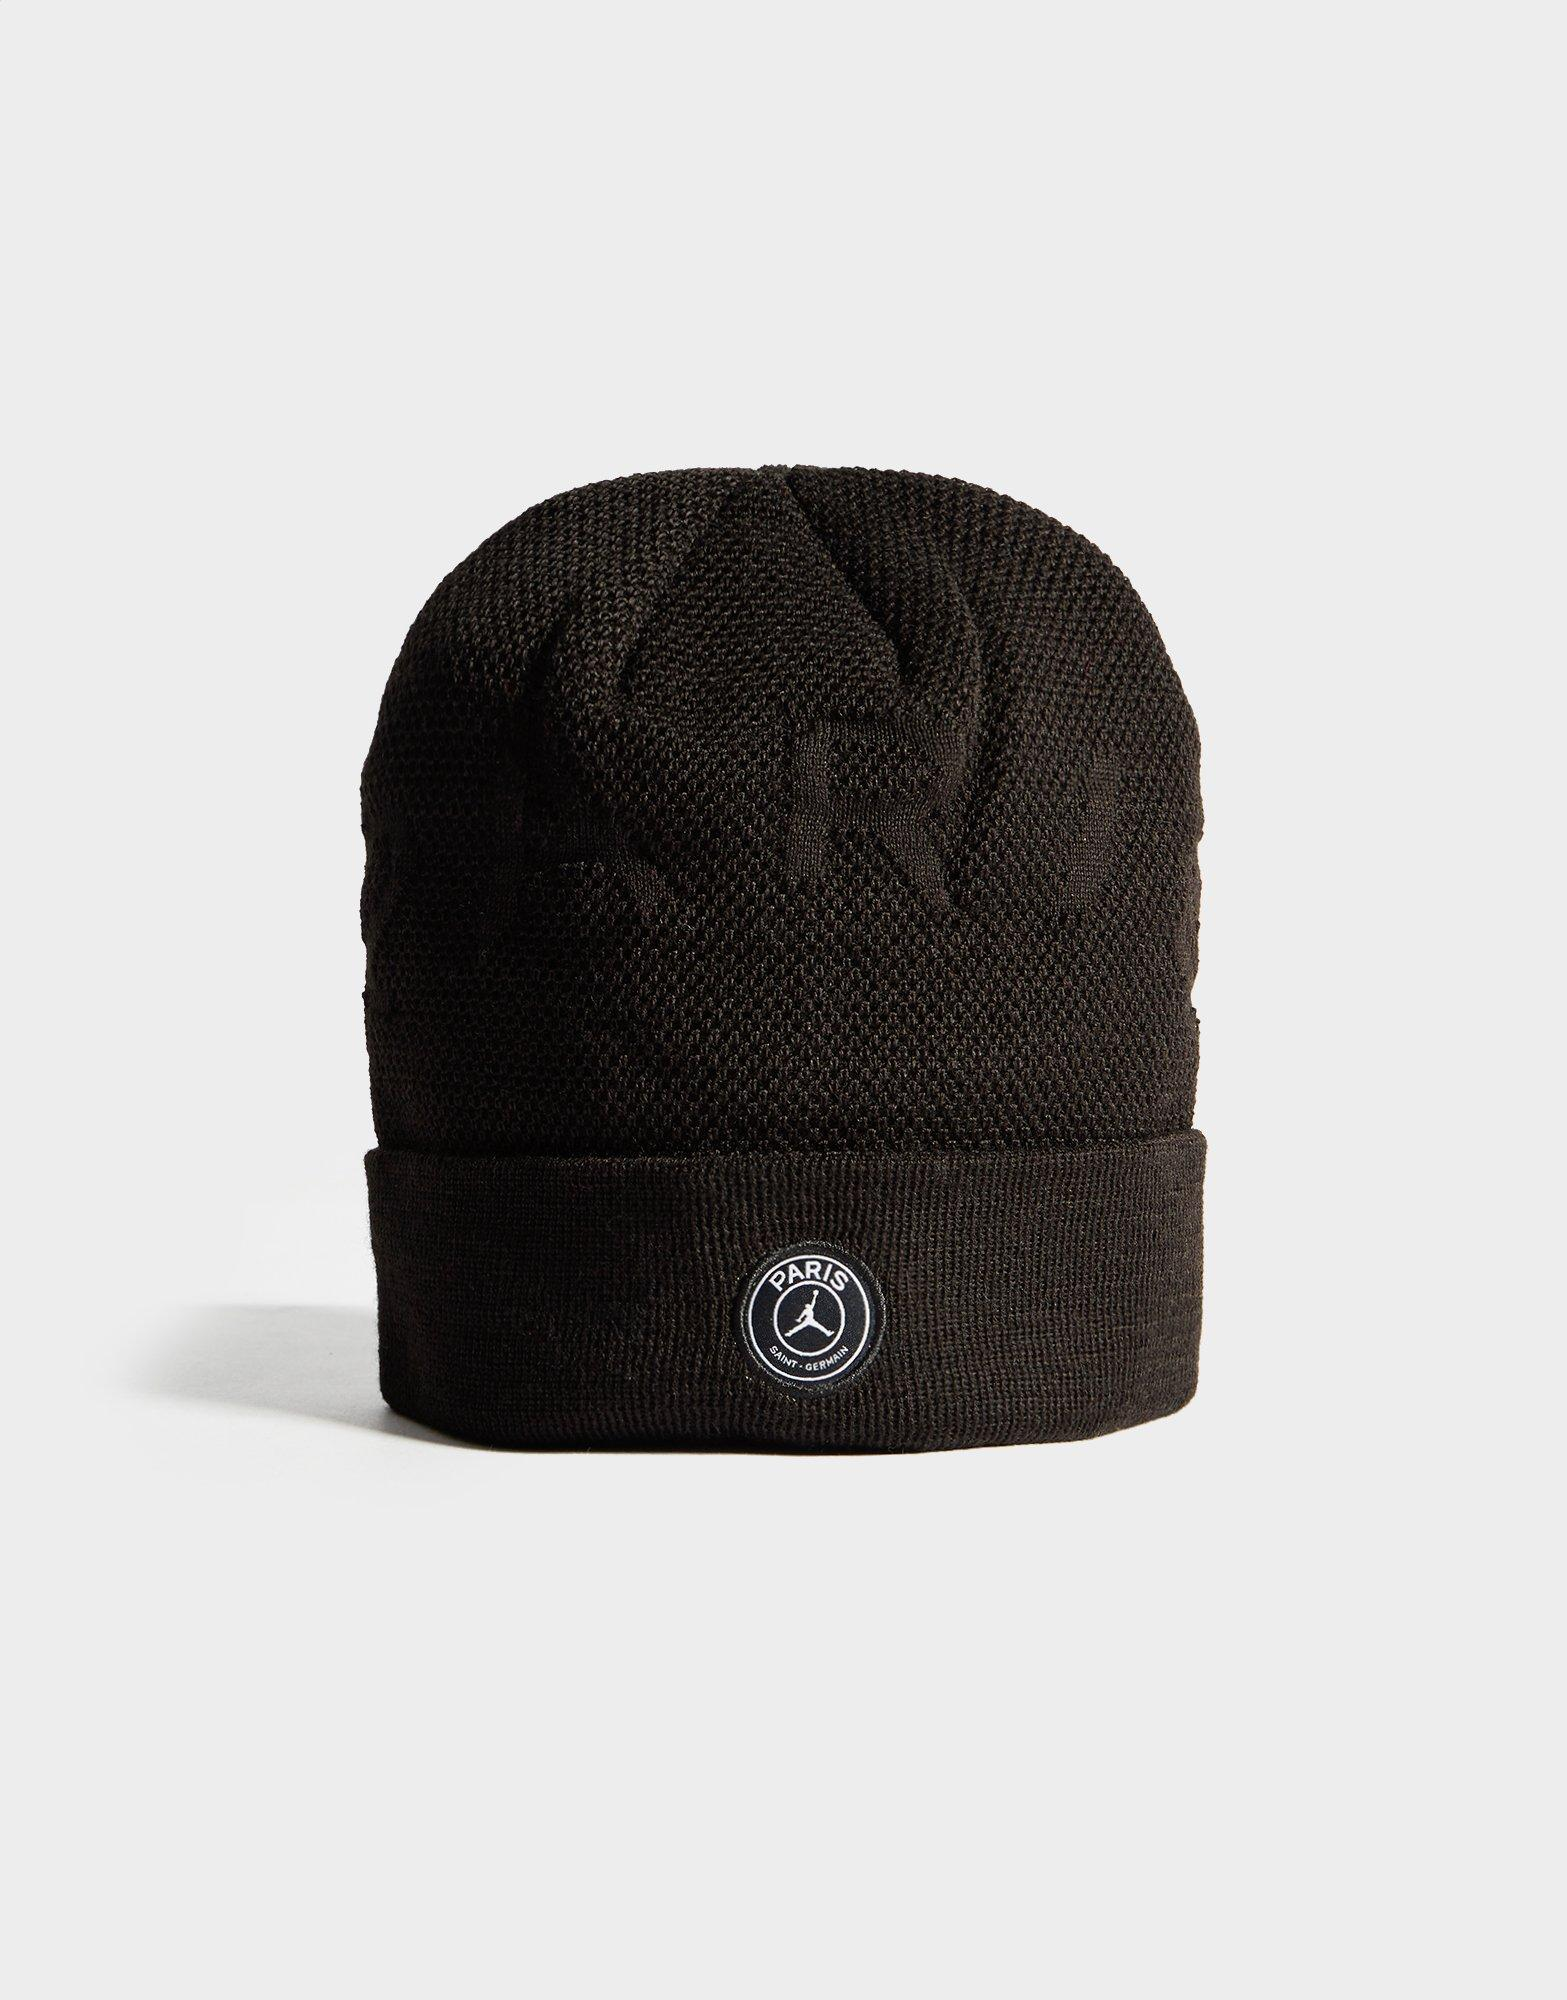 Nike Wool X Paris Saint Germain Beanie Hat In Black For Men Lyst